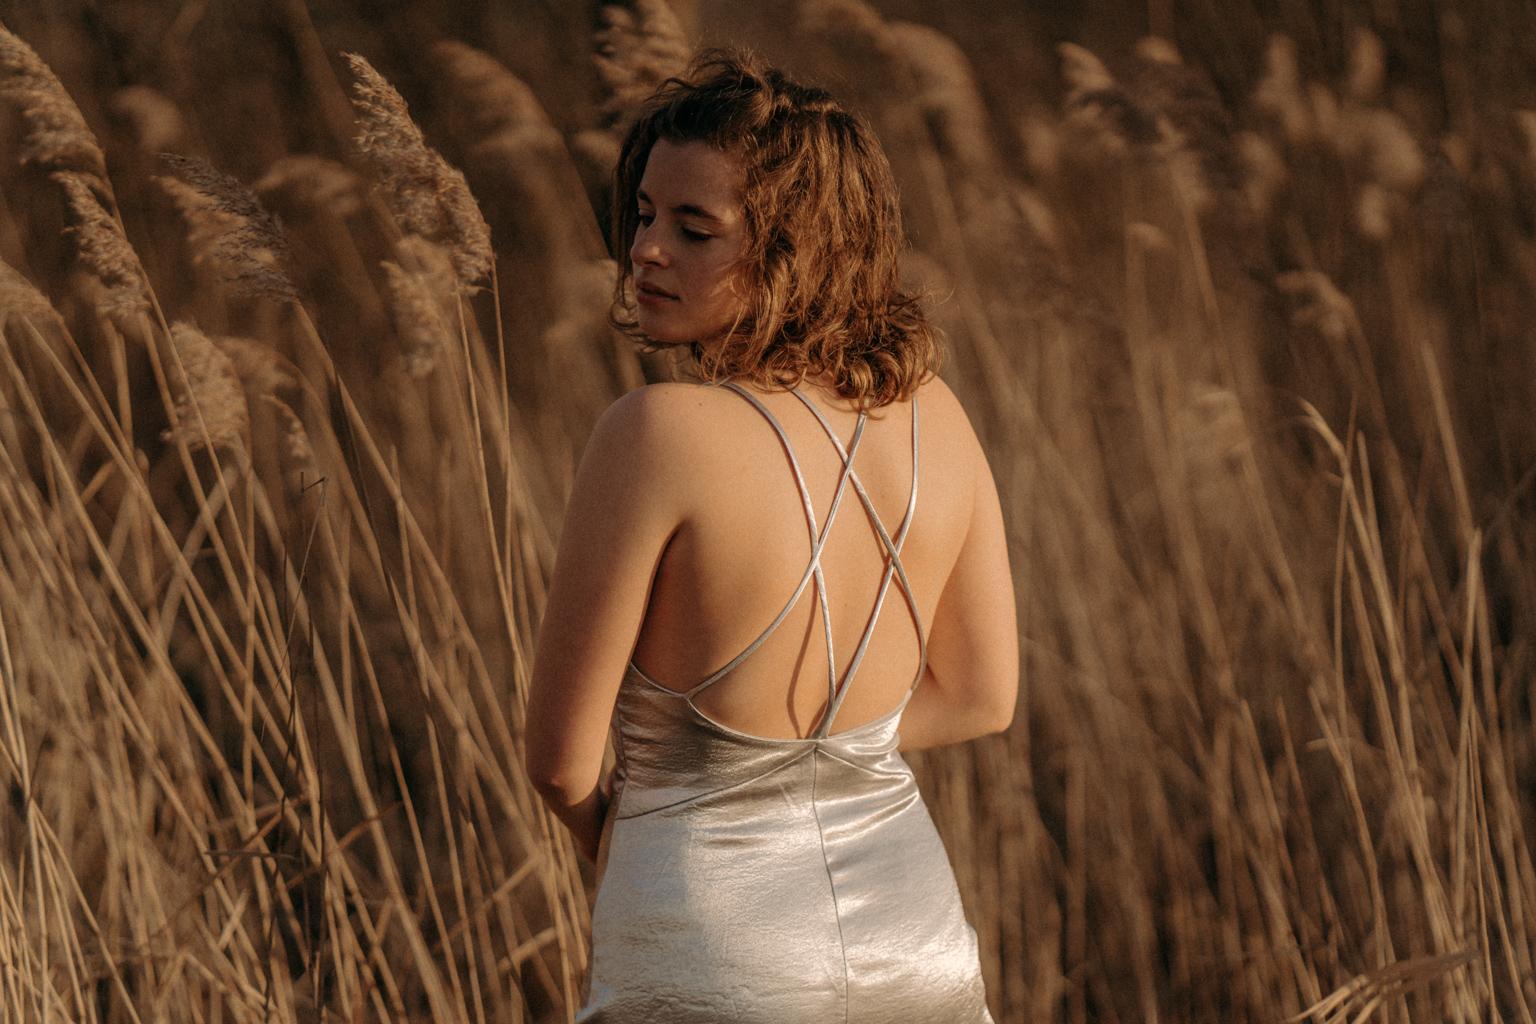 portretshoot_sarah-2.jpg